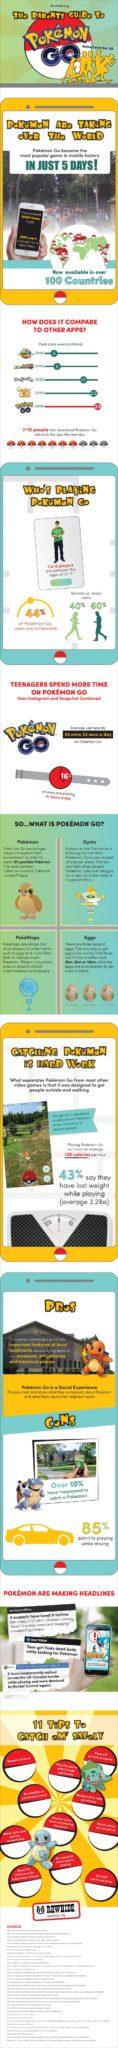 pokemon-go-statistics_infographic-768x13373